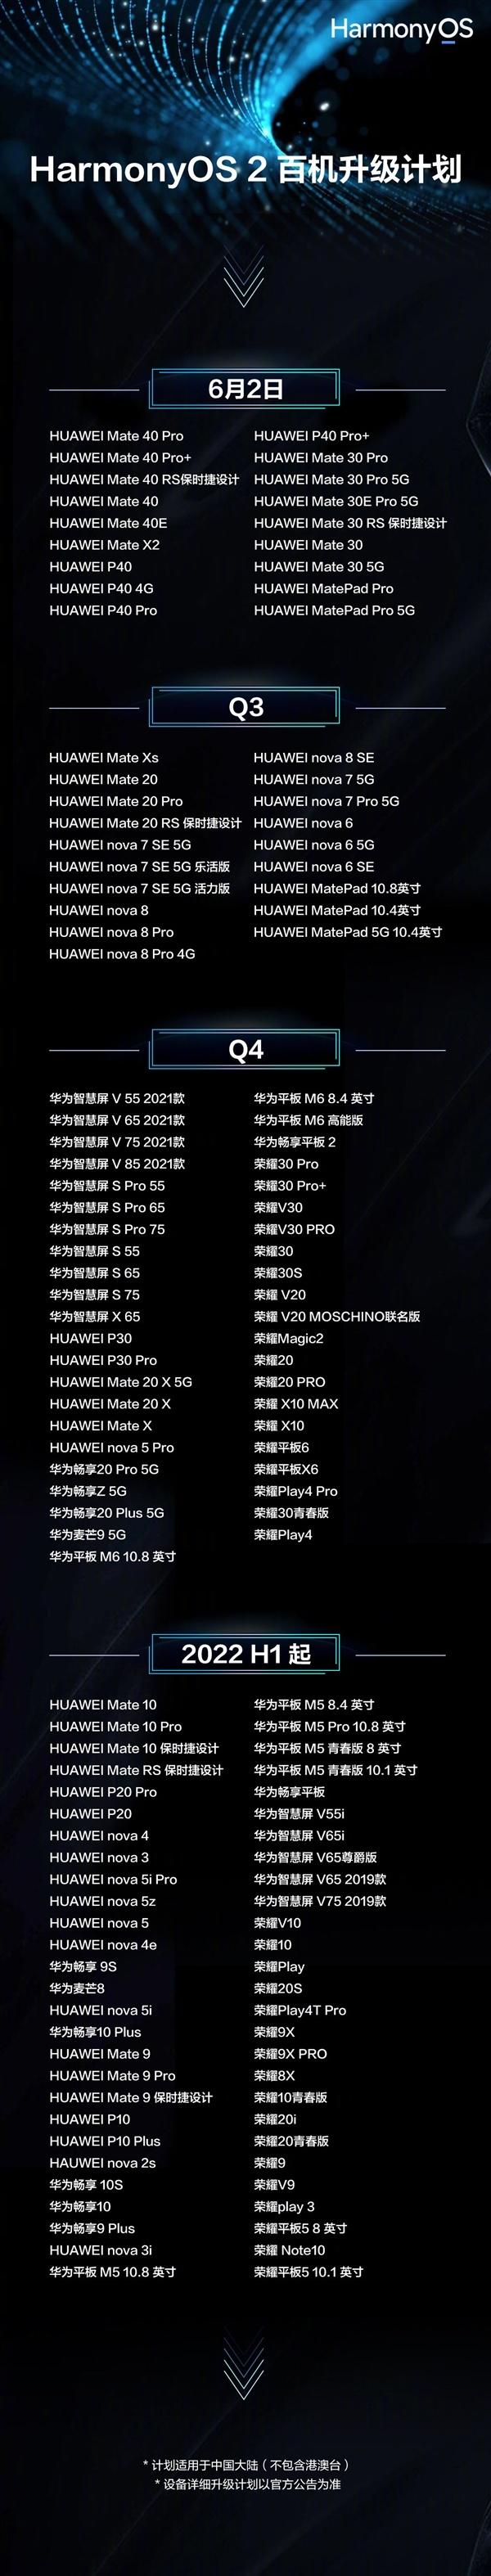 HarmonyOS 2升级名单:大量荣耀机型加入、麒麟960也有份